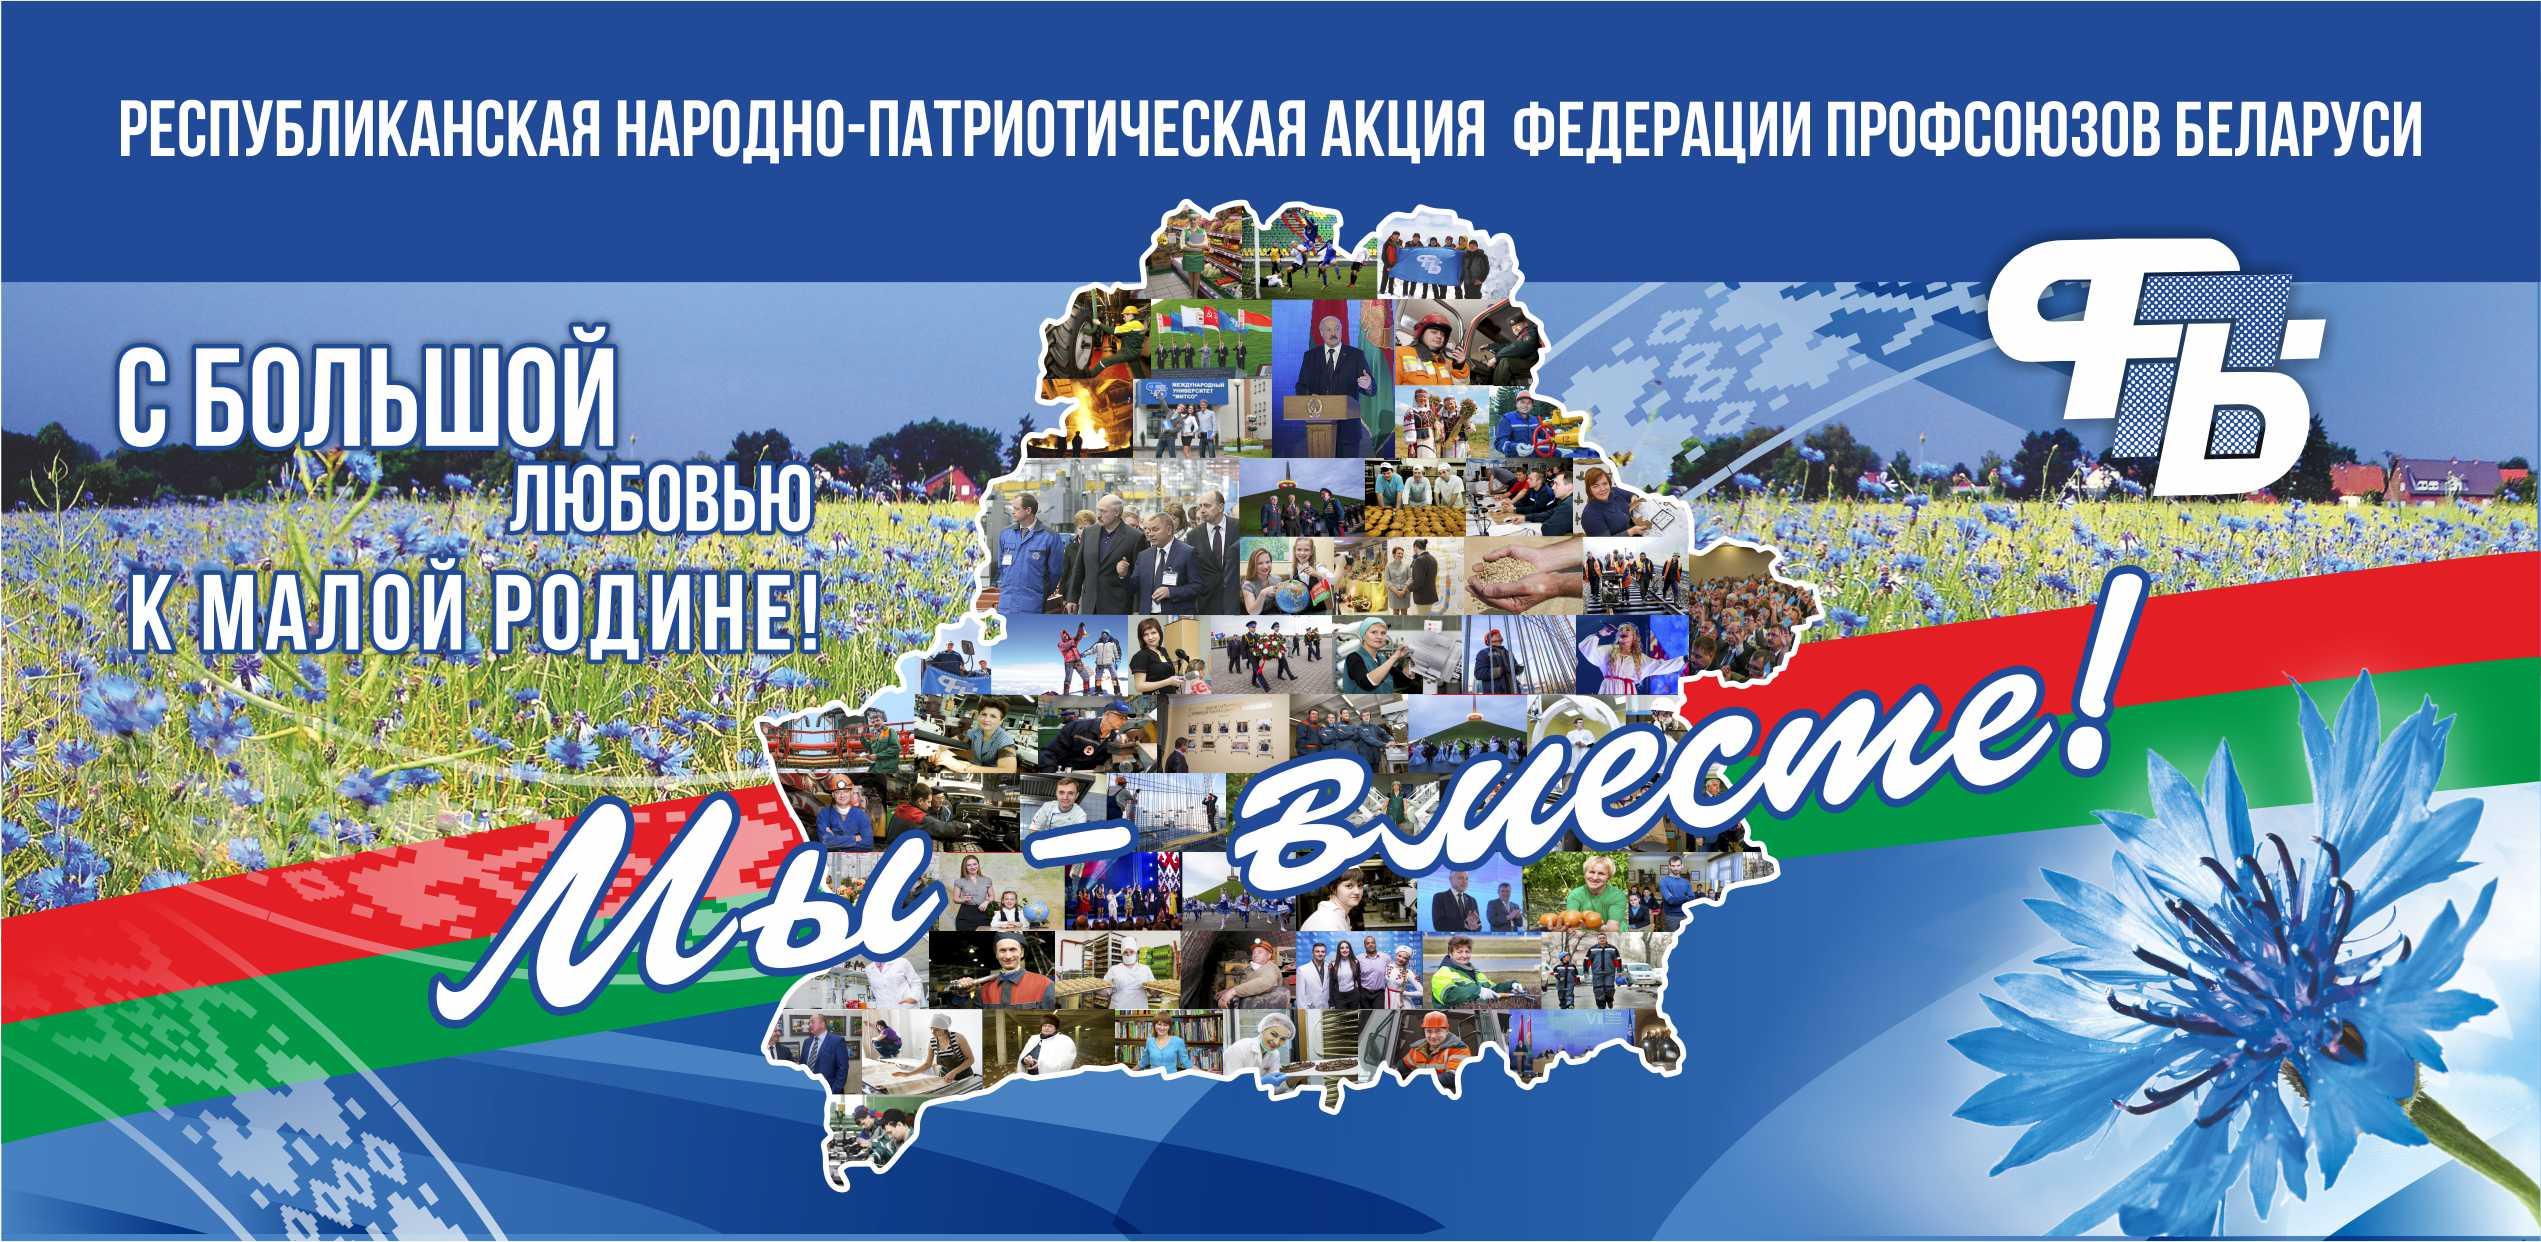 Профсоюзную акцию «Мы – вместе!» на Гродненщине посвятят Году малой родины